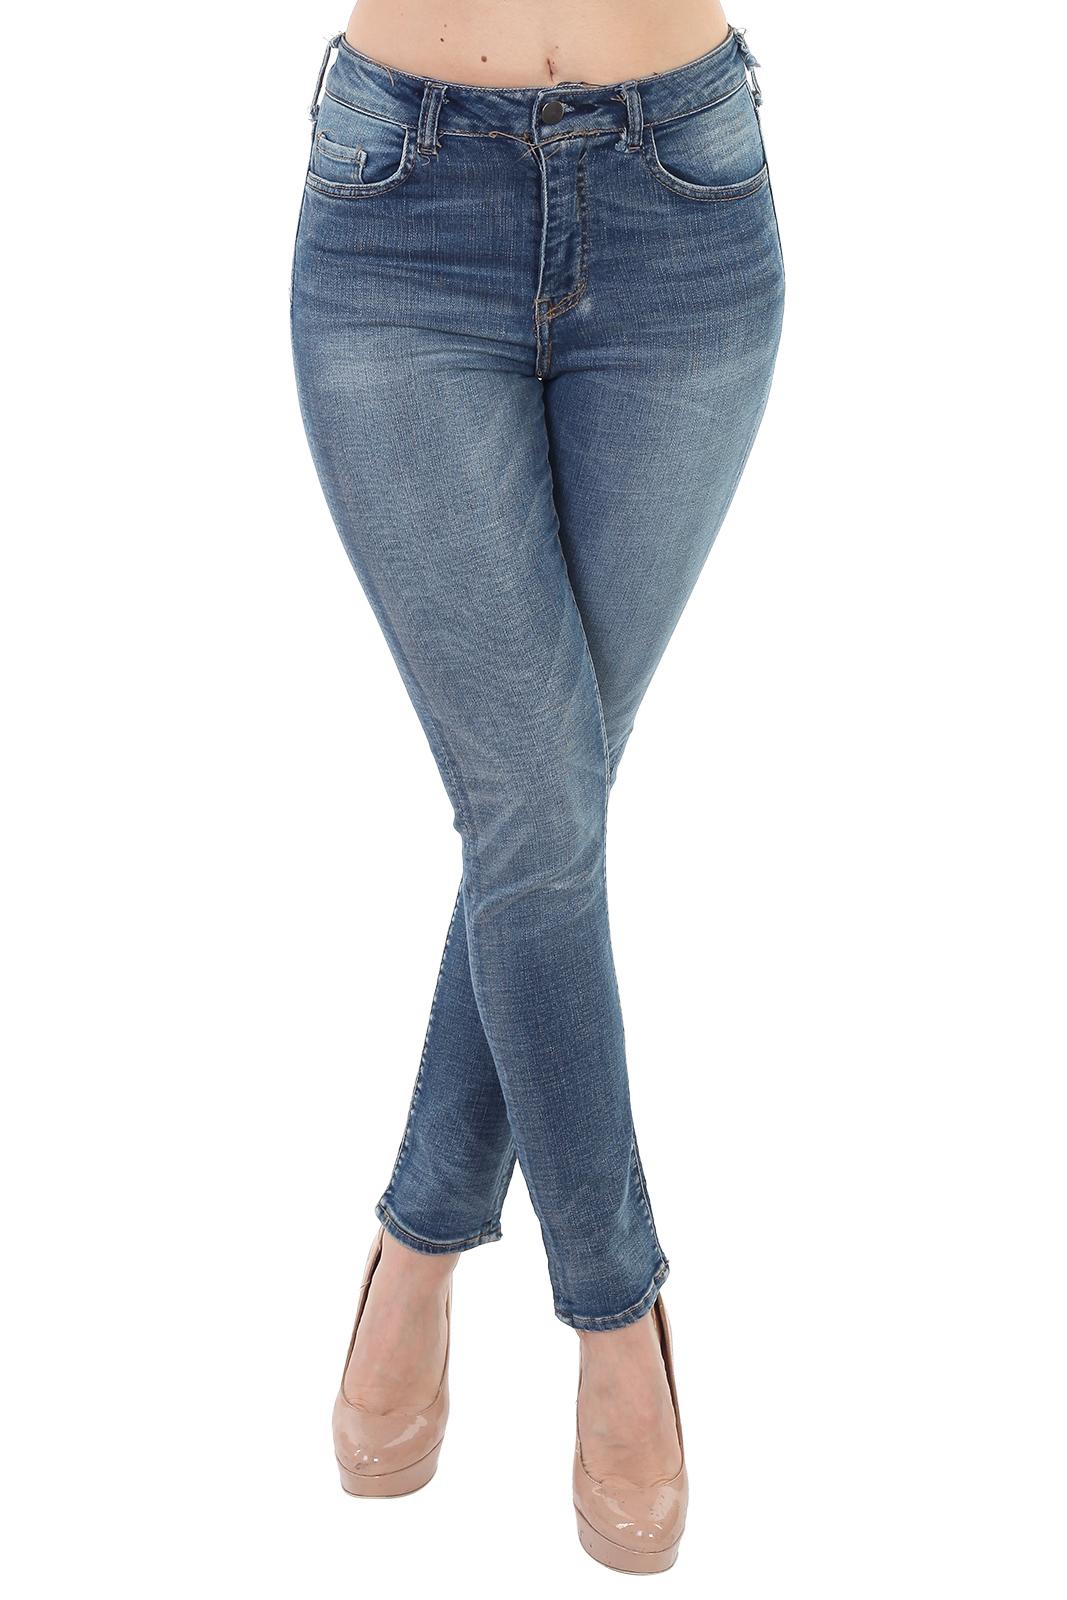 Купить в интернет магазине женские джинсы скинни